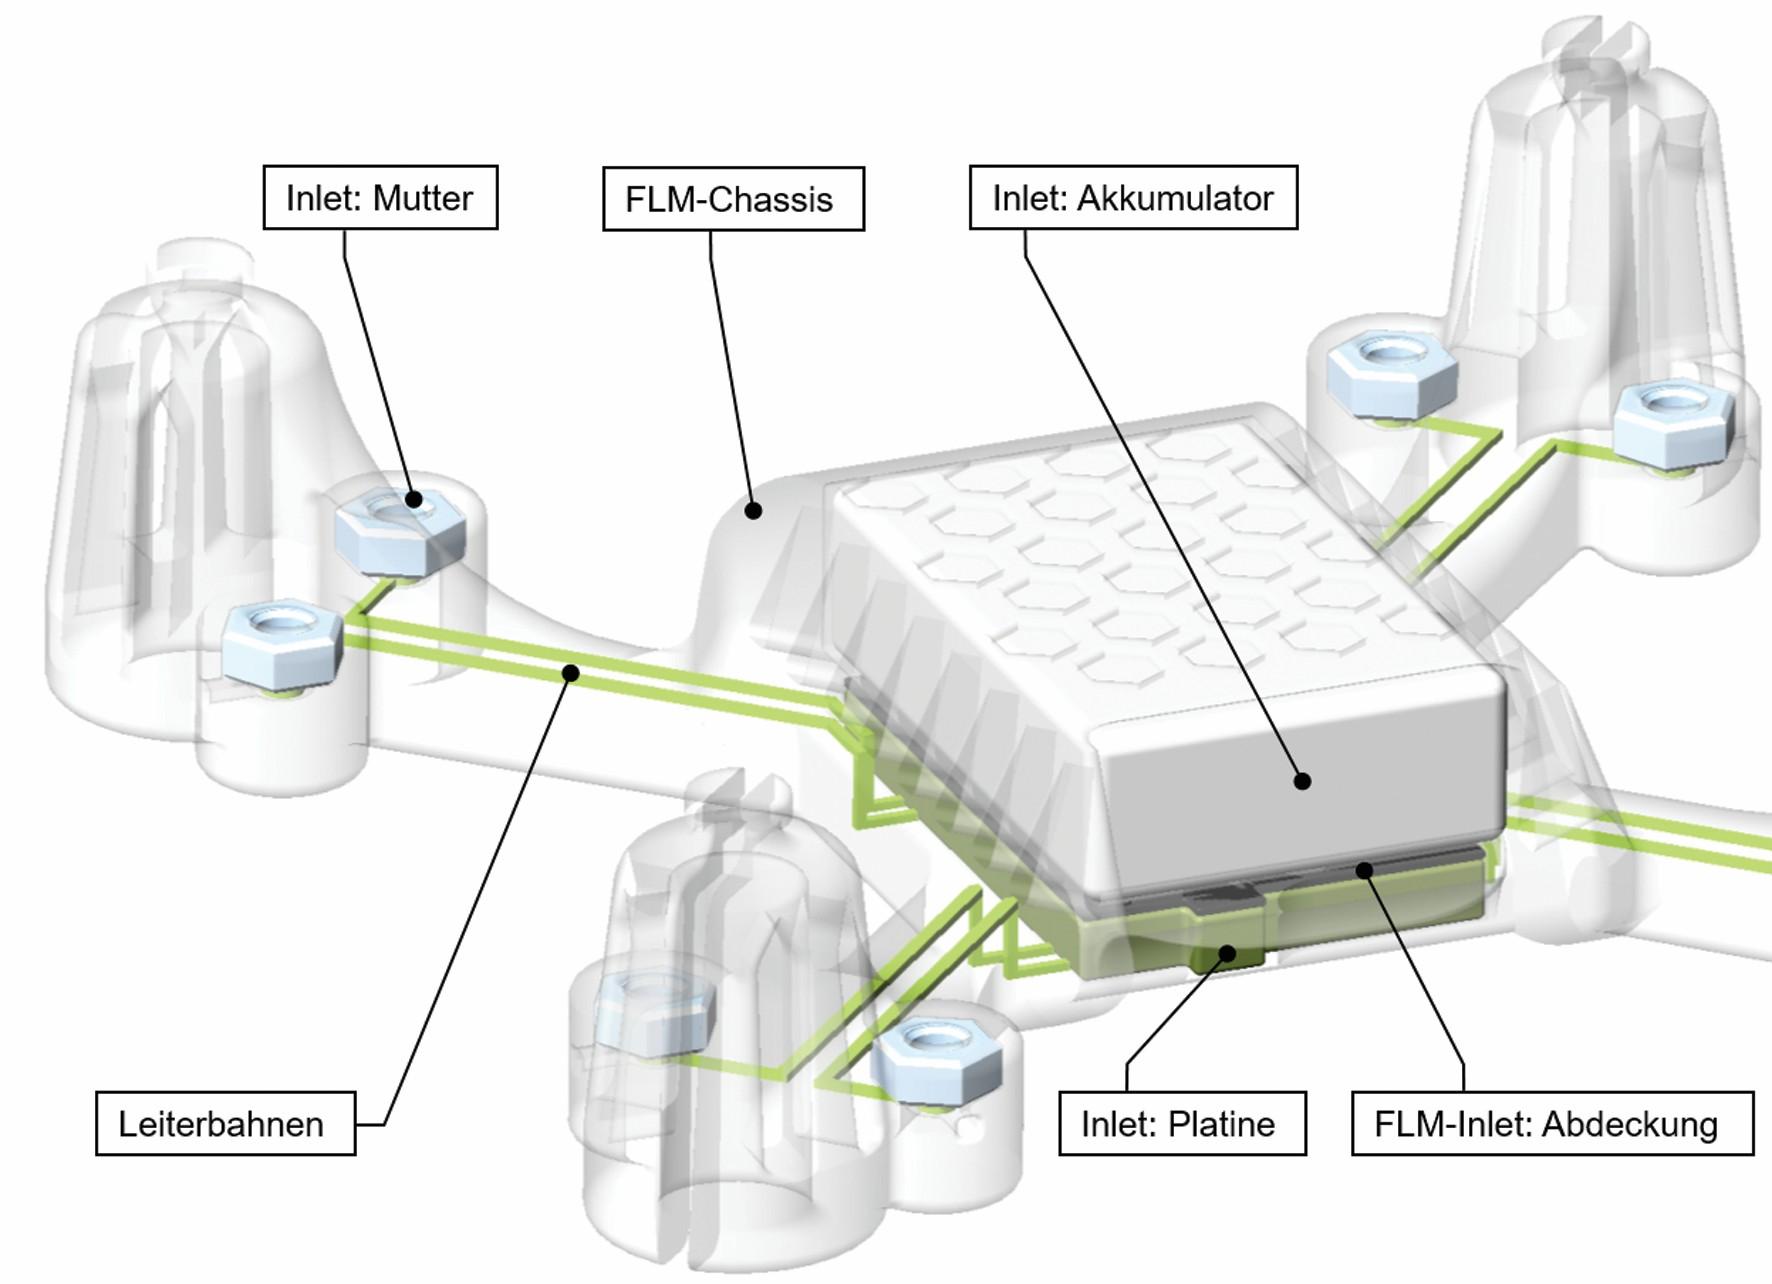 Bild 4: Virtuelles, integriertes, mechatronisches Modell eines Demonstrators in Form eines Quadrokopters. Die Bestandteile, die sich mit dem physischen Demonstrator decken, sind entsprechend beschriftet. Dieses Modell bildet die Grundlage für die Ausleitung der Maschinendatensätze. (Bild: FAU Erlangen-Nürnberg)